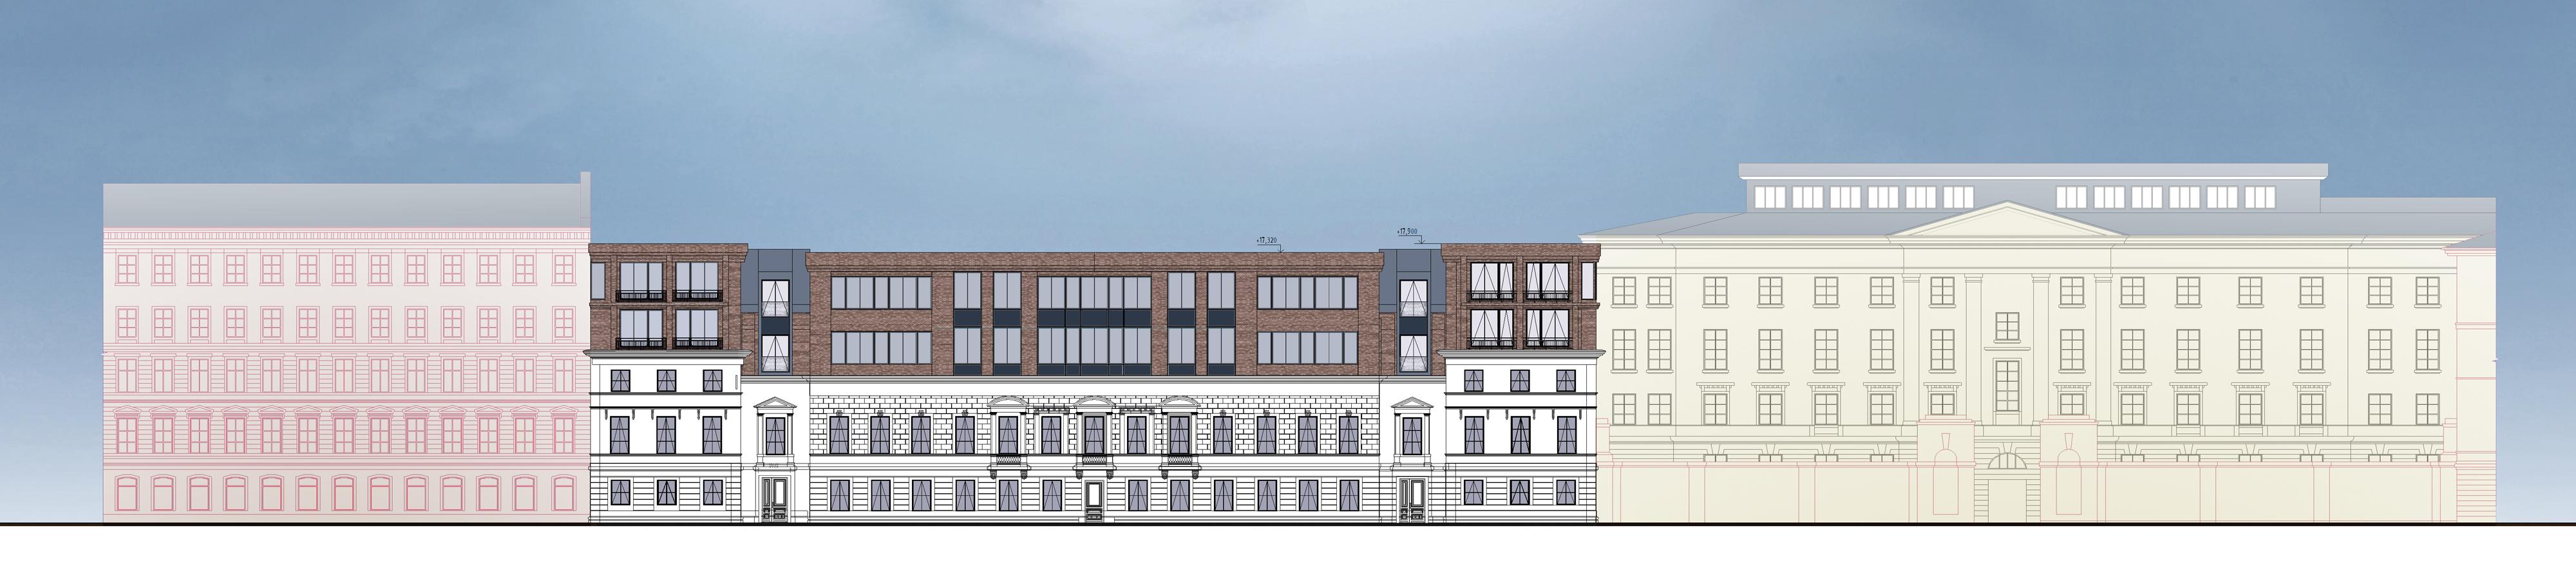 Концепция достройки фасада исторического здания фото f_3755c0967a2d35da.jpg